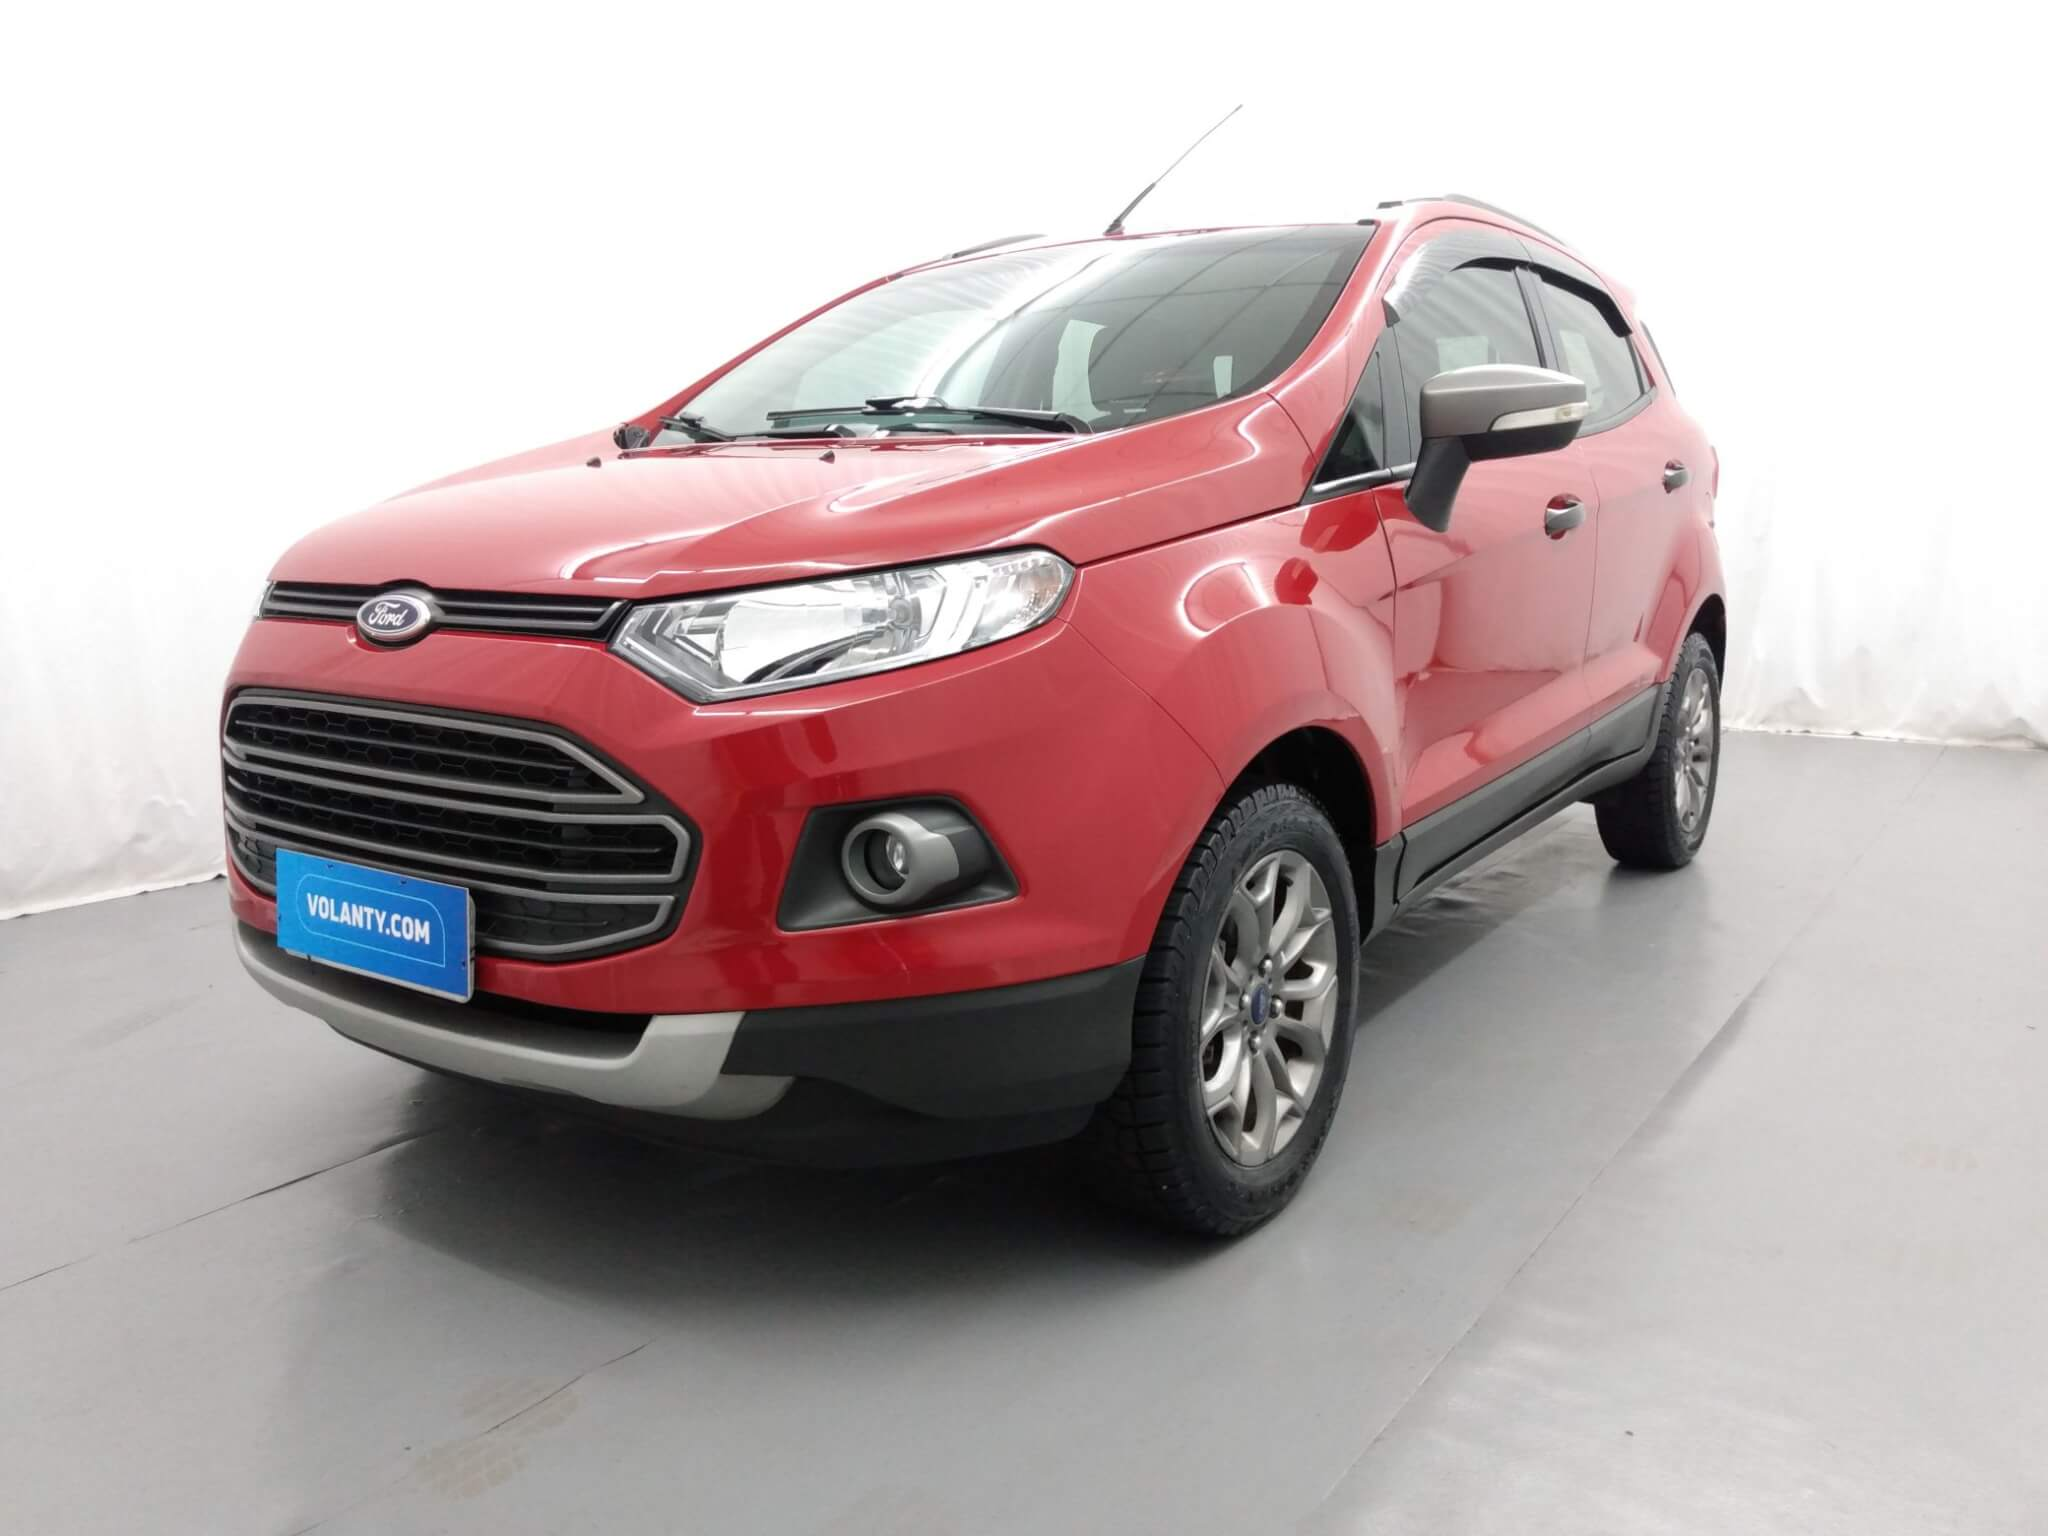 Imagem do Ford Ecosport